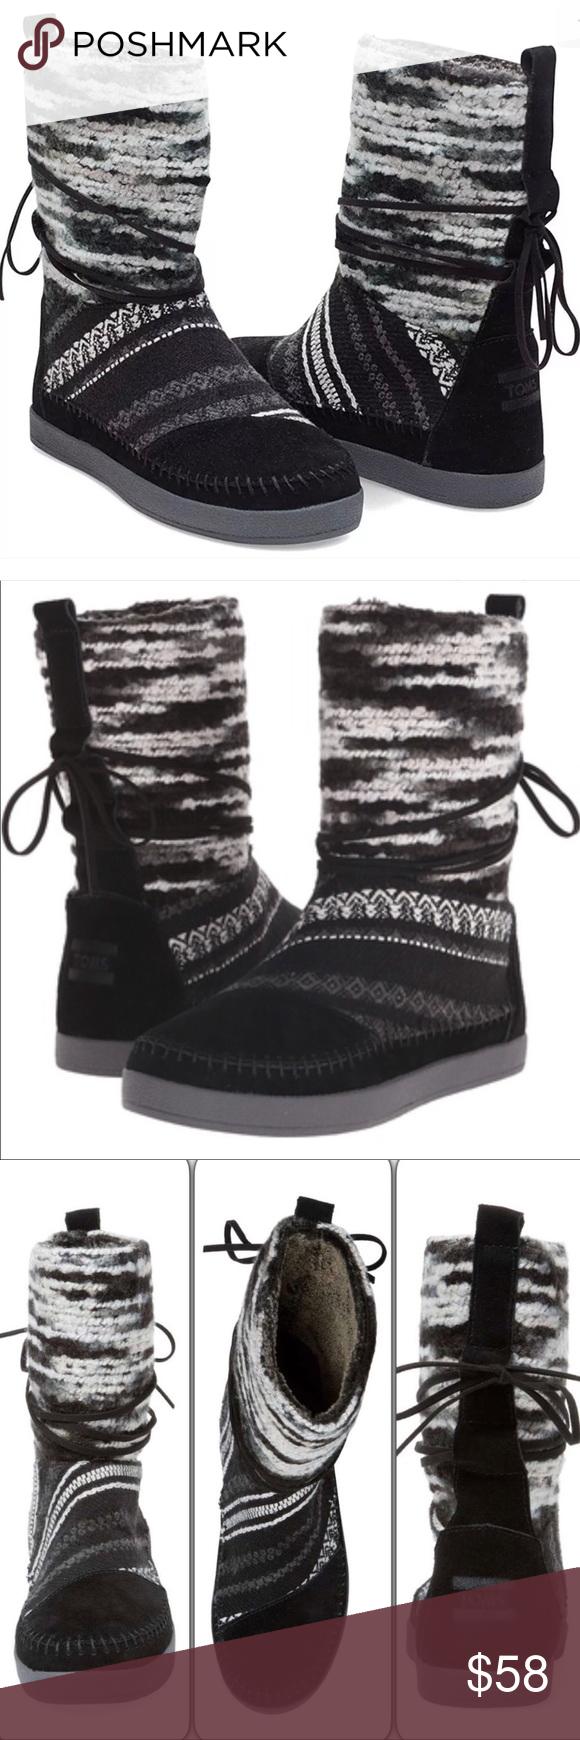 d9d26d68101 NWT Toms Nepal Black Suede Textile Boots Size 11 TOMS Nepal Suede ...